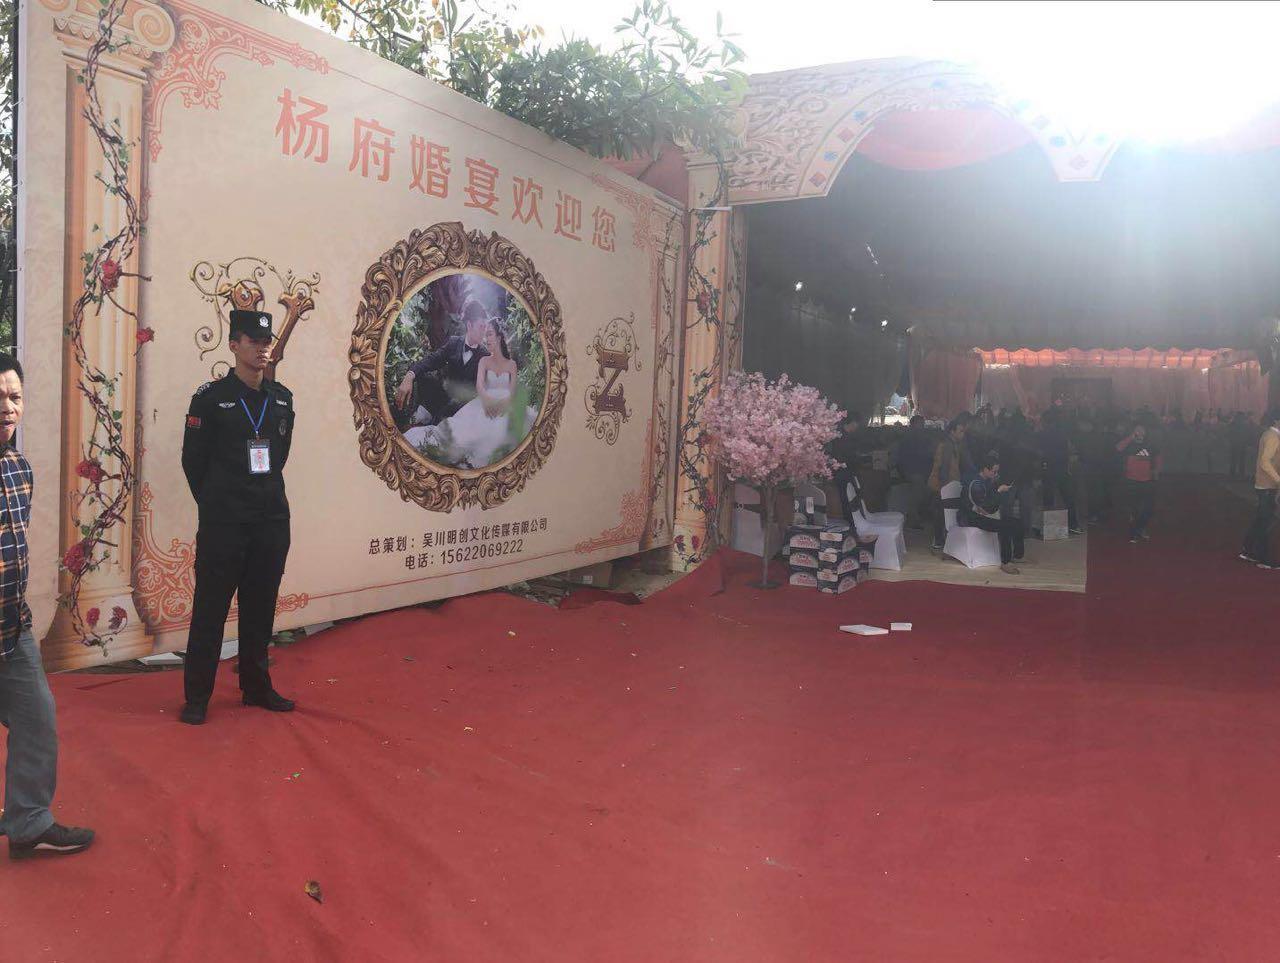 公司圆满完成杨府婚宴的安保任务